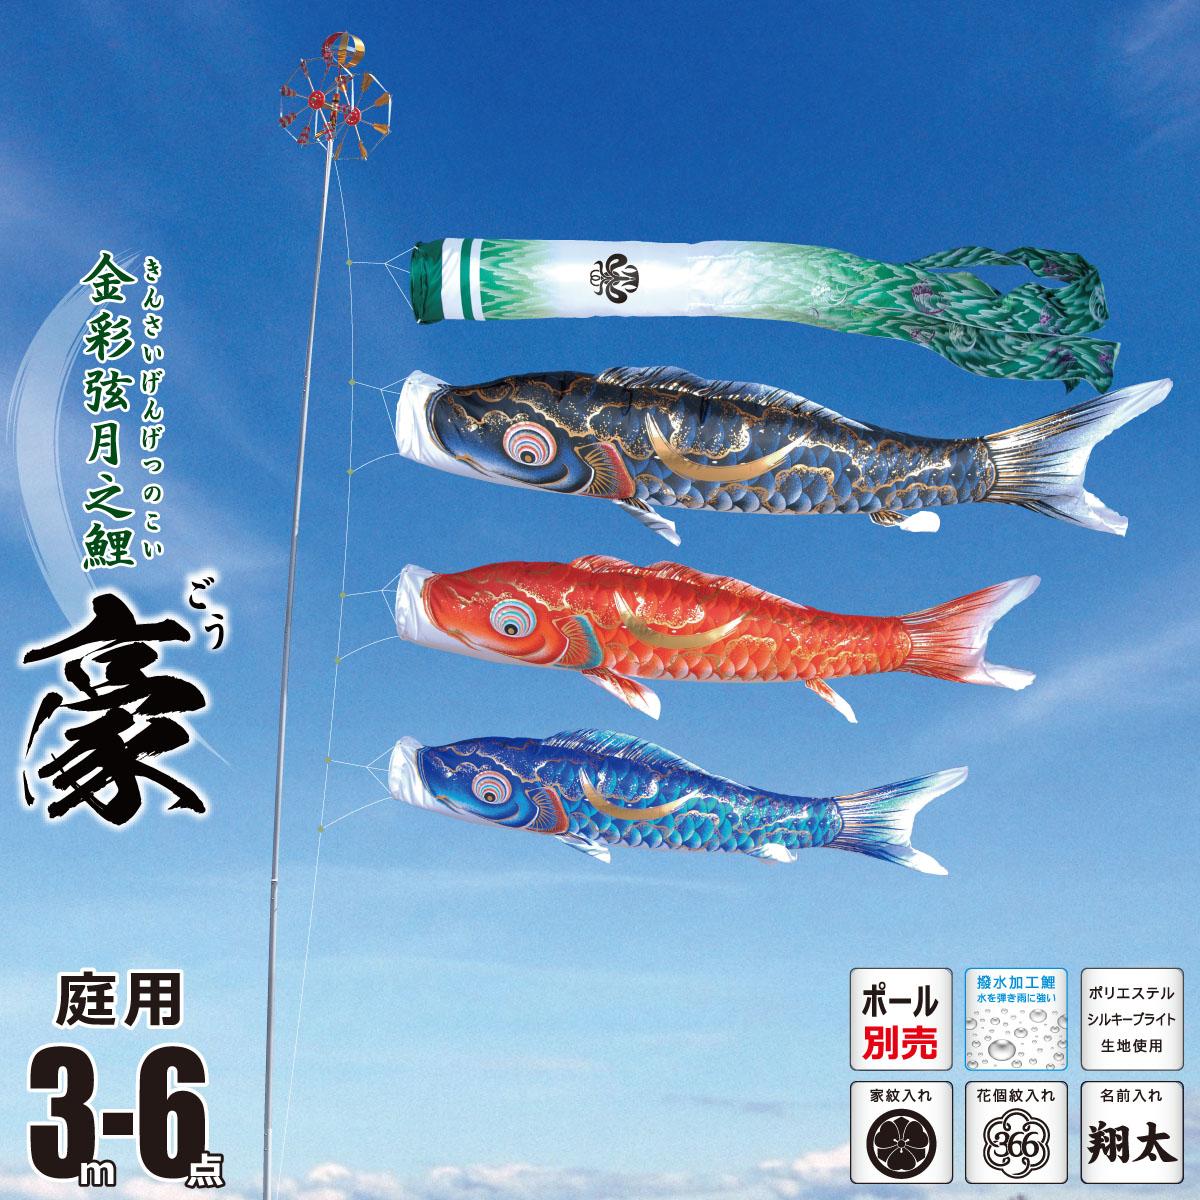 こいのぼり 3m 豪(ごう) 6点 (矢車、ロープ、吹流し、鯉3匹) 庭園用 (ポール別売り) 徳永鯉のぼり KIT-001-818